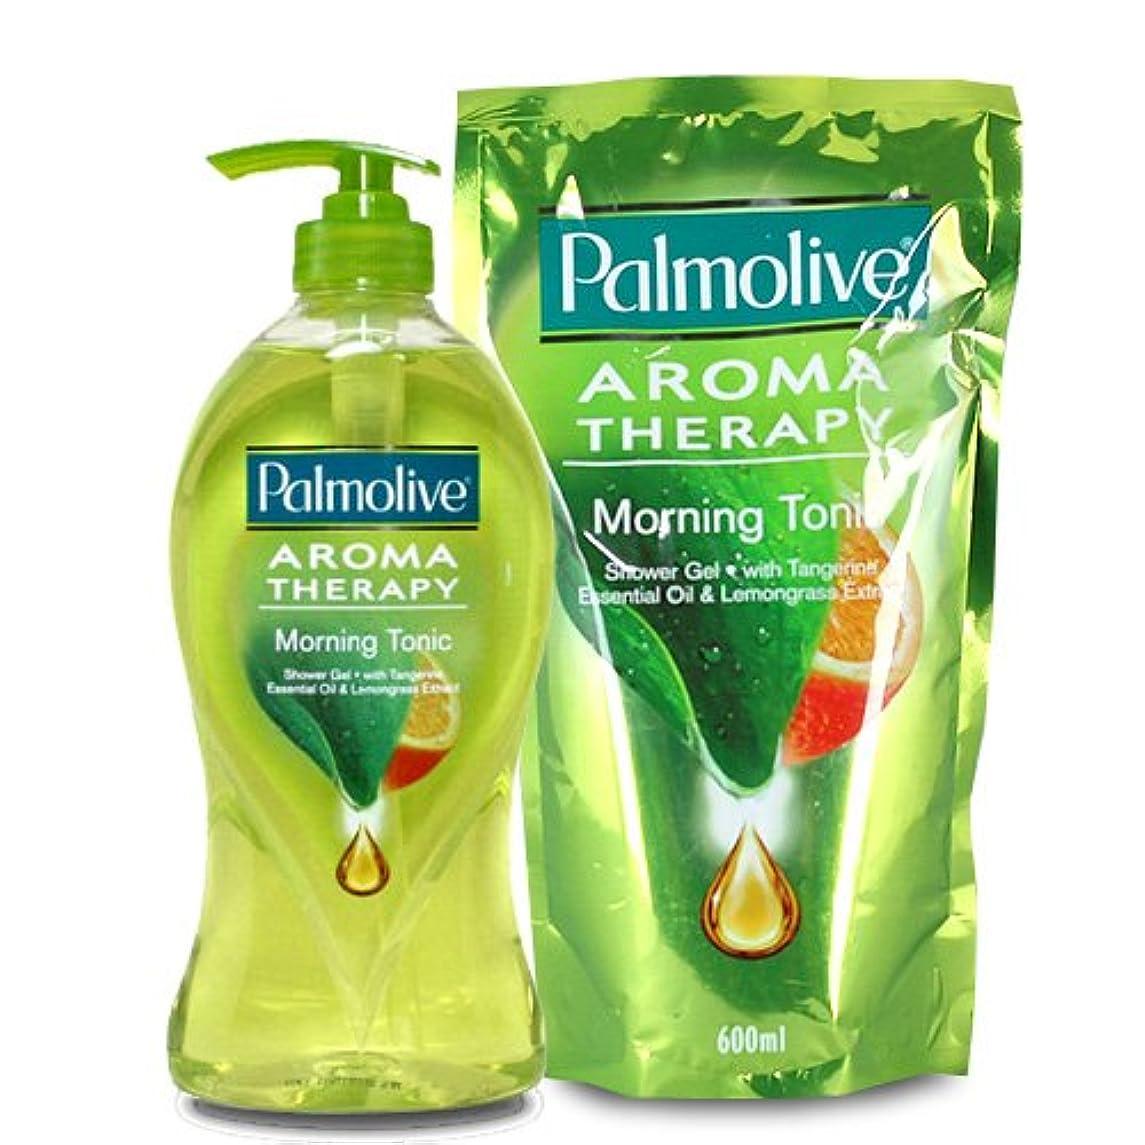 狂信者どっち一回【Palmolive】パルモリーブ アロマセラピーシャワージェル ボトルと詰め替えのセット (モーニングトニック)